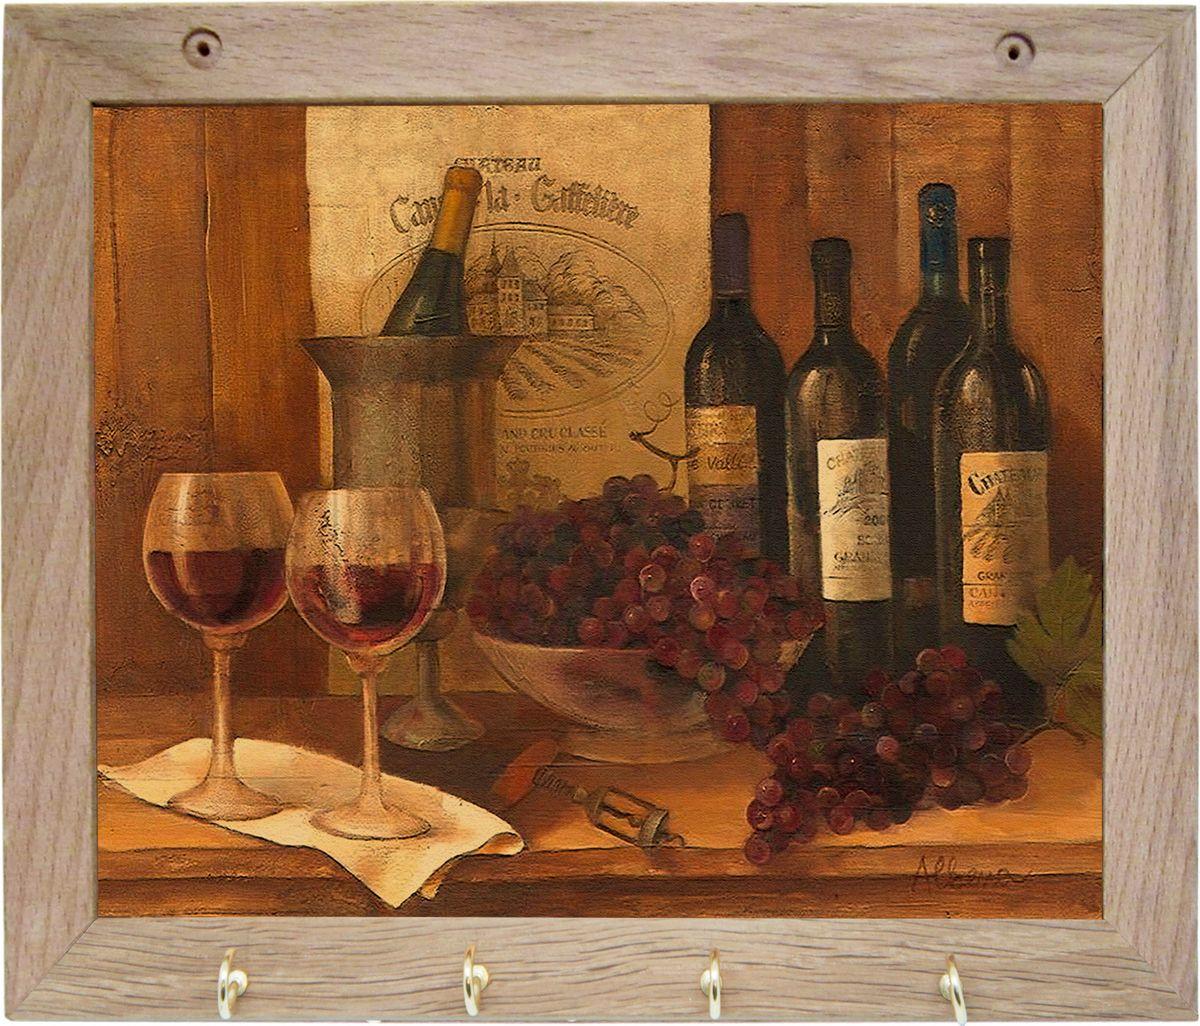 Вешалка GiftnHome Винтажные вина, с 4 крючками, 20 х 25 см1004900000360Вешалка GiftnHome Винтажные вина в стиле Art-Casual изготовлена из натурального дерева в комбинации с модными цветными принтами на корпусе от Креативной студии AntonioK. Вешалка снабжена 4 металлическими крючками для подвешивания аксессуаров, полотенец, прихваток и другого текстиля. Это изделие больше, чем просто вешалка, оно несет интерьерное решение, задает настроение и стиль на вашей кухне, столовой или дачной веранде. Art-Casual значит буквально повседневное искусство. Это новый стиль предложения обычных домашних аксессуаров в качестве элементов, задающих стиль и шарм окружающего пространства. Уникальное сочетание привычной функциональности и декоративной, интерьерной функции - это актуальная, современная тенденция от прогрессивных производителей товаров для дома.